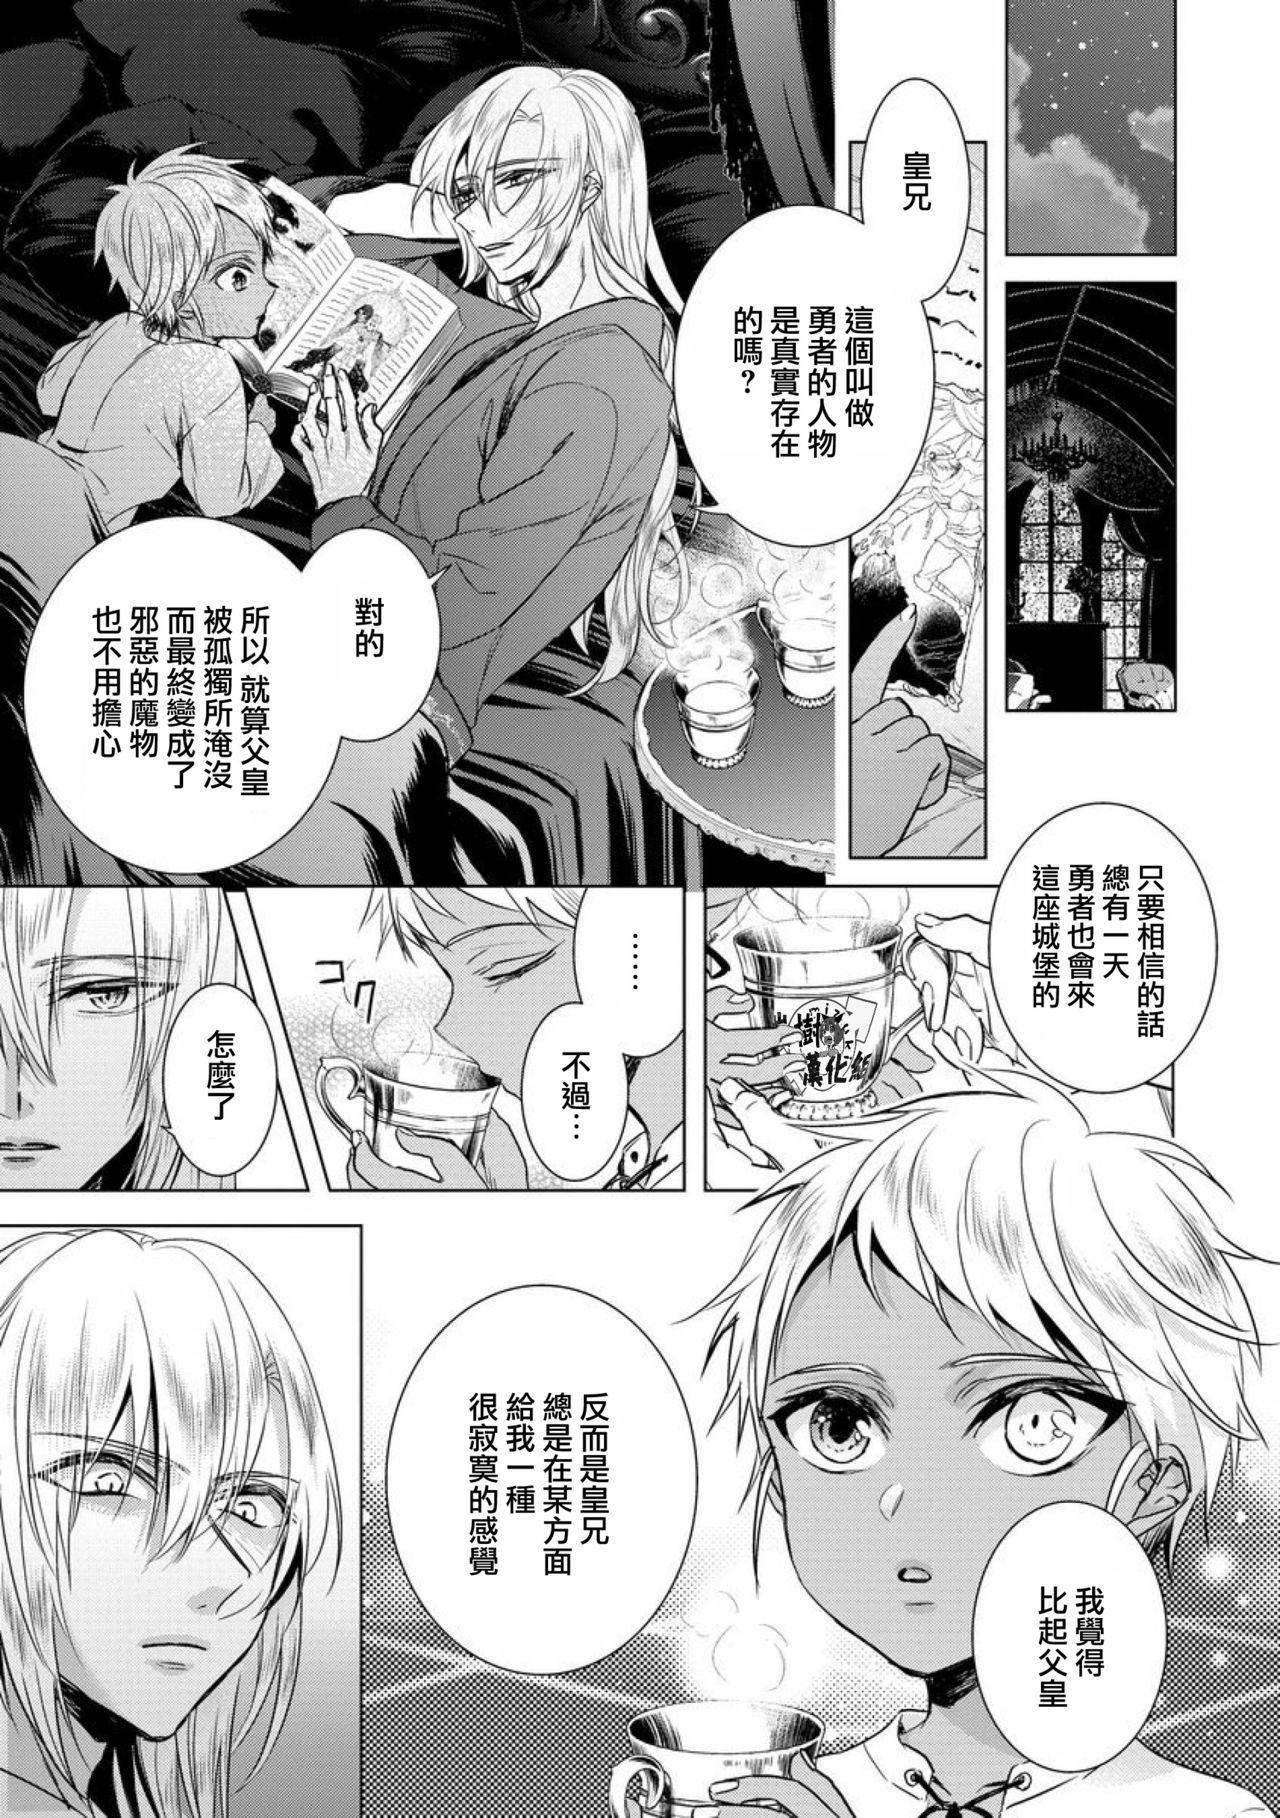 [Saotome Mokono] Kyououji no Ibitsu na Shuuai ~Nyotaika Knight no Totsukitooka~ Ch. 12 [Chinese] [瑞树汉化组] [Digital] 4